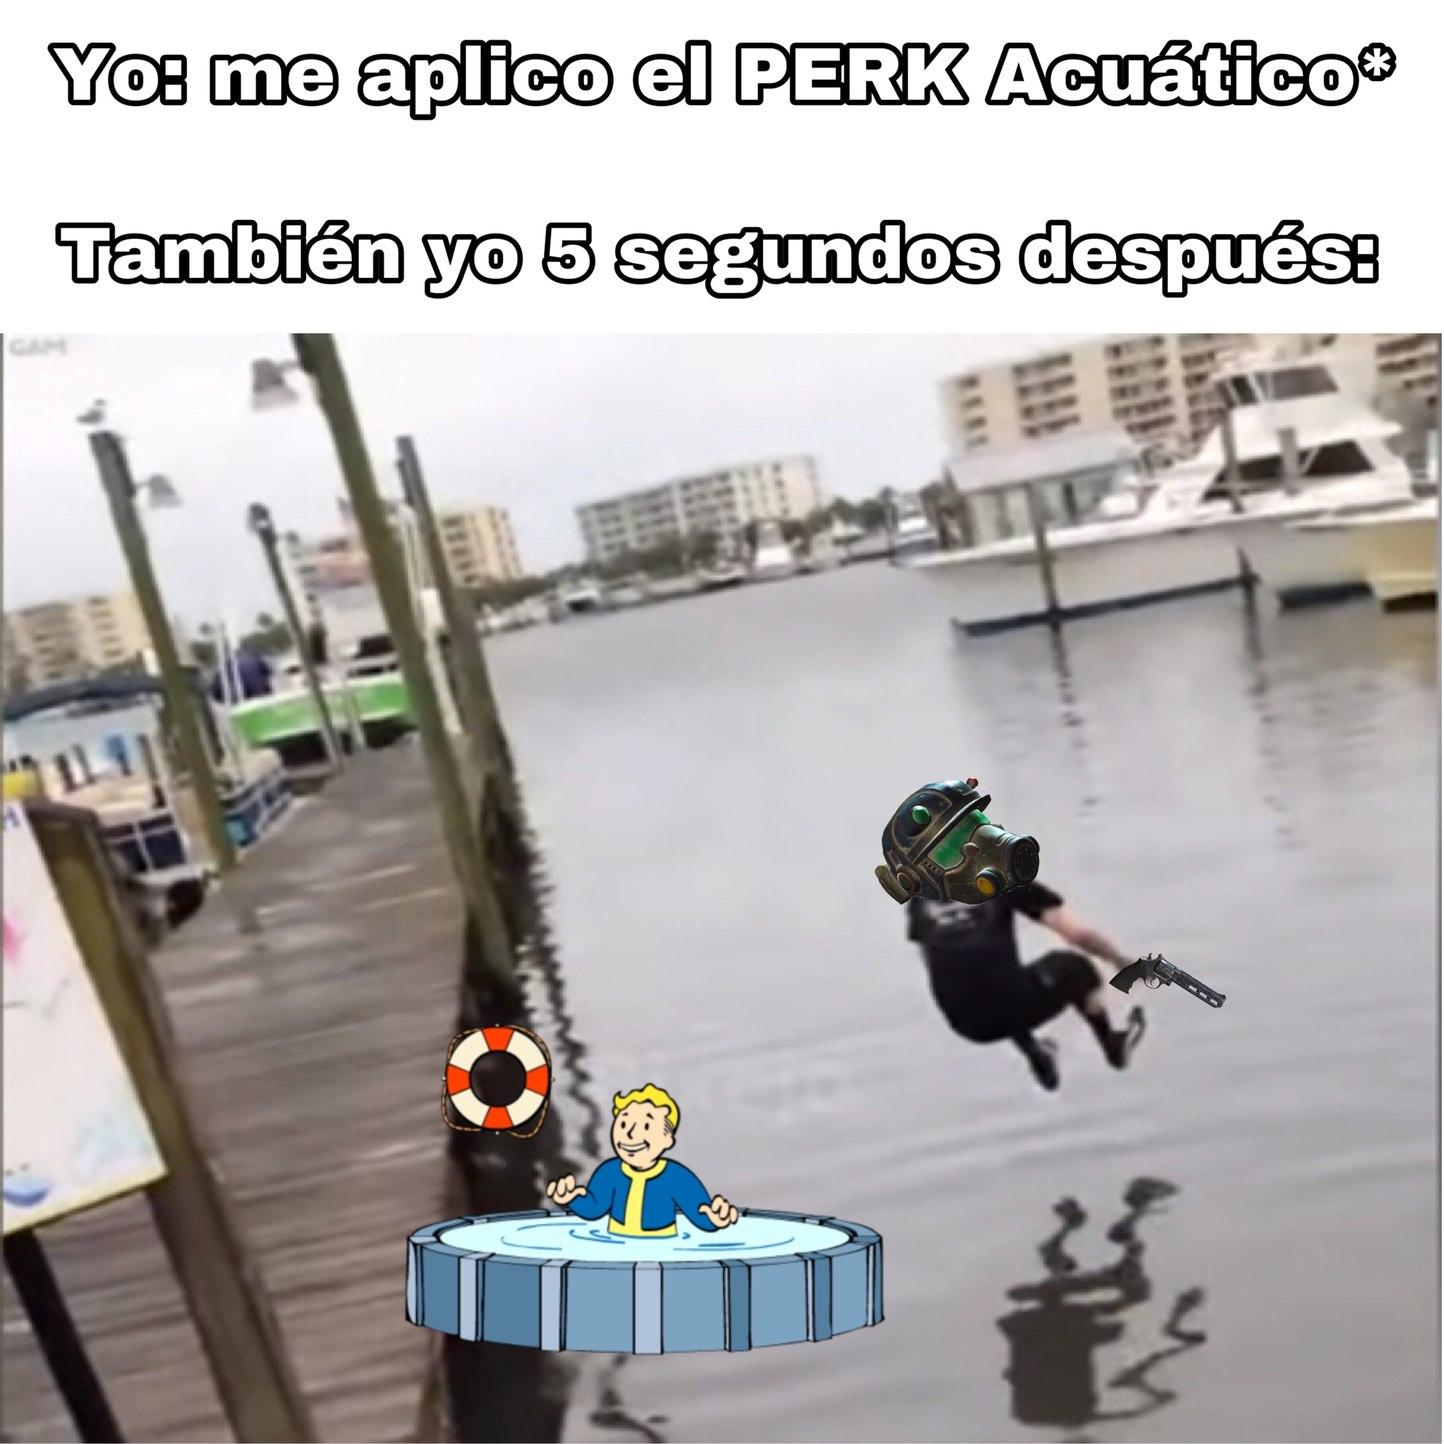 aunque muchos digan lo contrario, el perk acuático lo encuentro muy útil sobre todo para explorar y hacer ataques sigilosos, además de escapar si la pelea se vuelve imposible para mi - meme